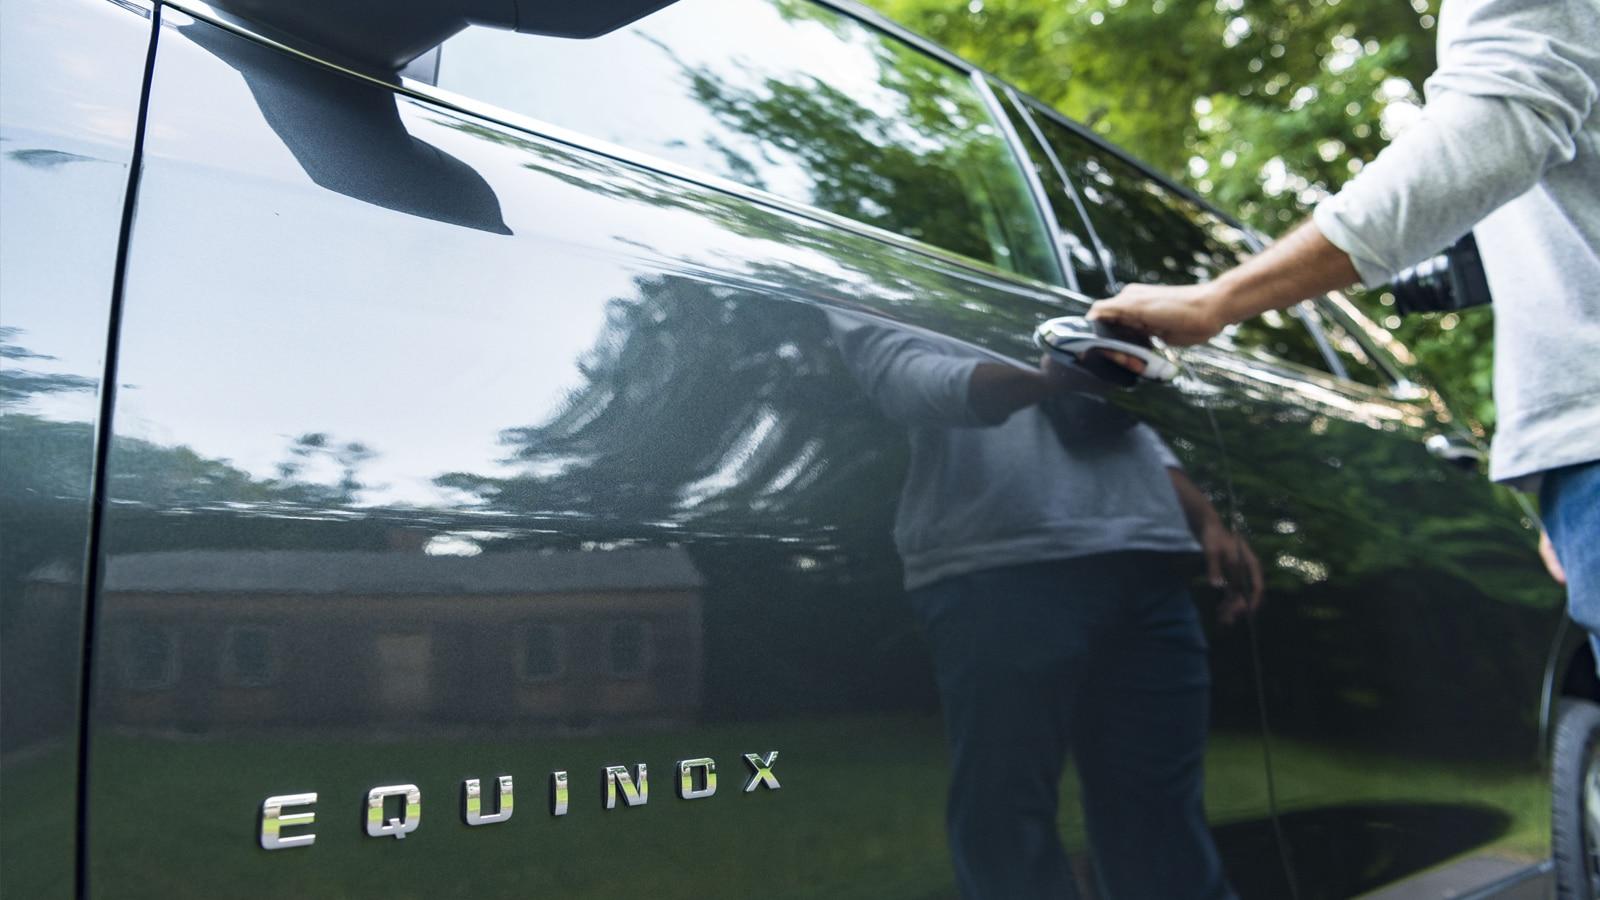 Una fotografía con vista de gusano del emblema de la Equinox en la puerta del conductor.